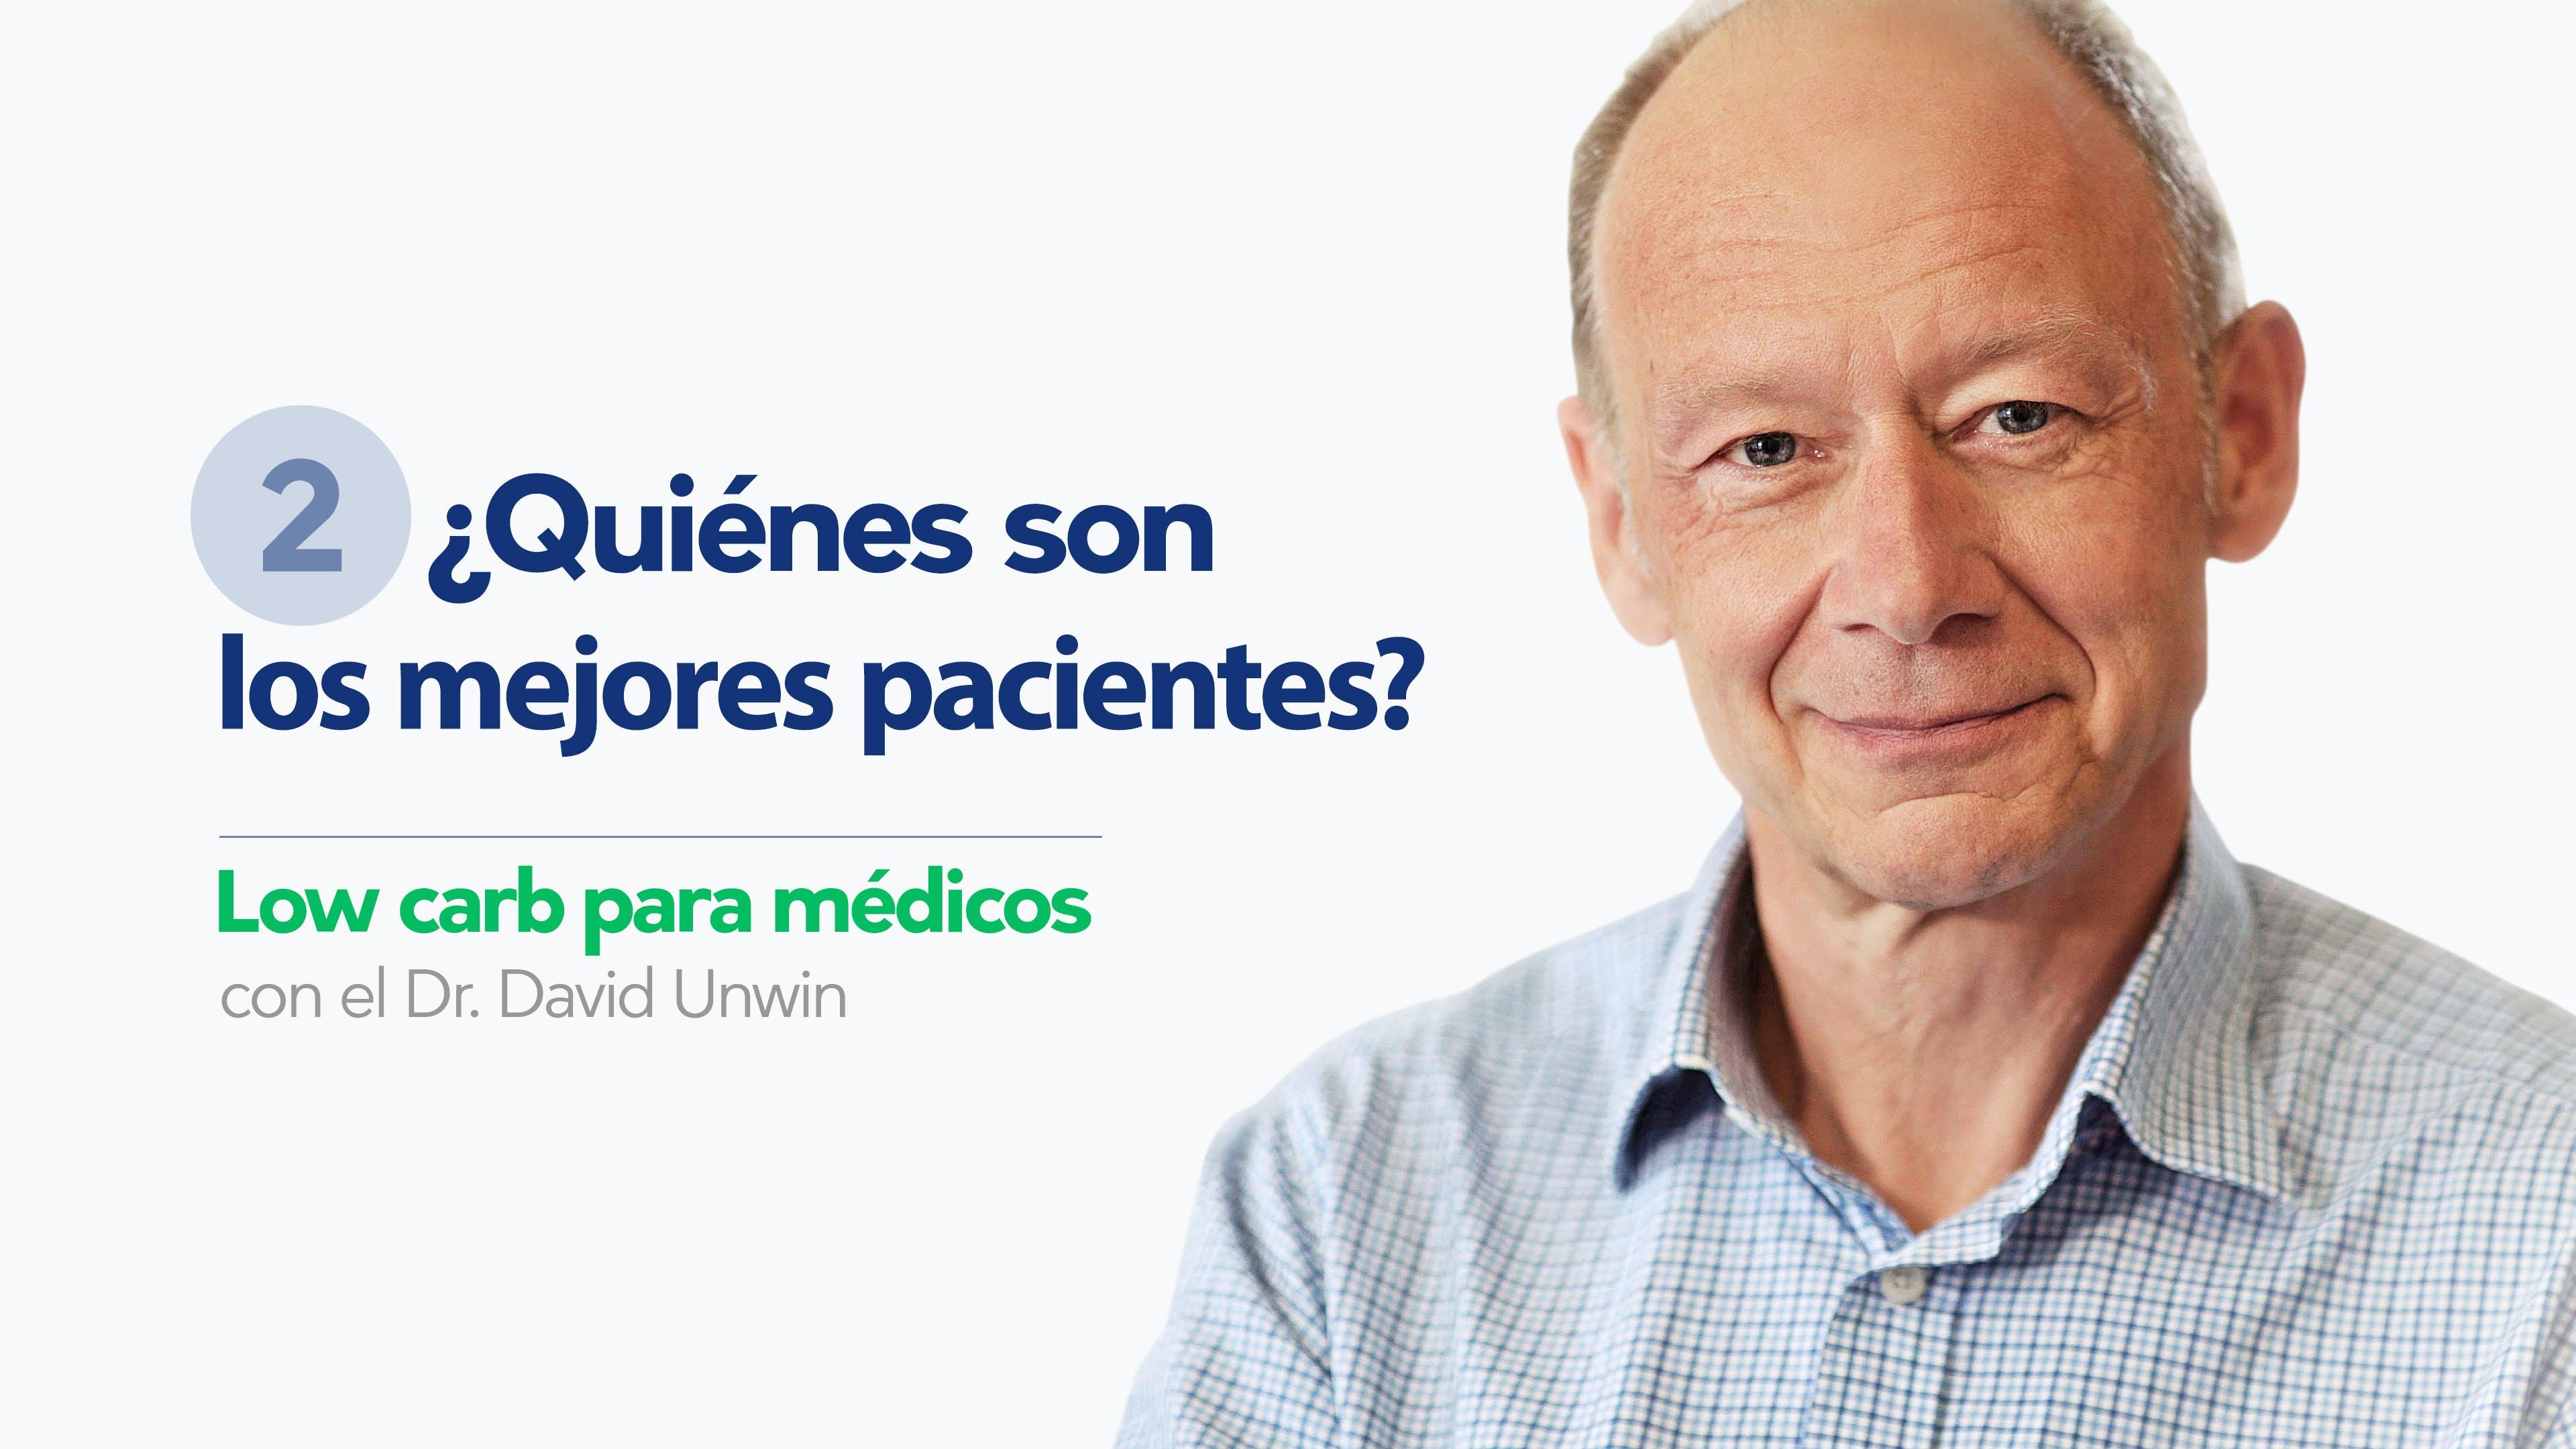 ¿Quiénes son los mejores pacientes?